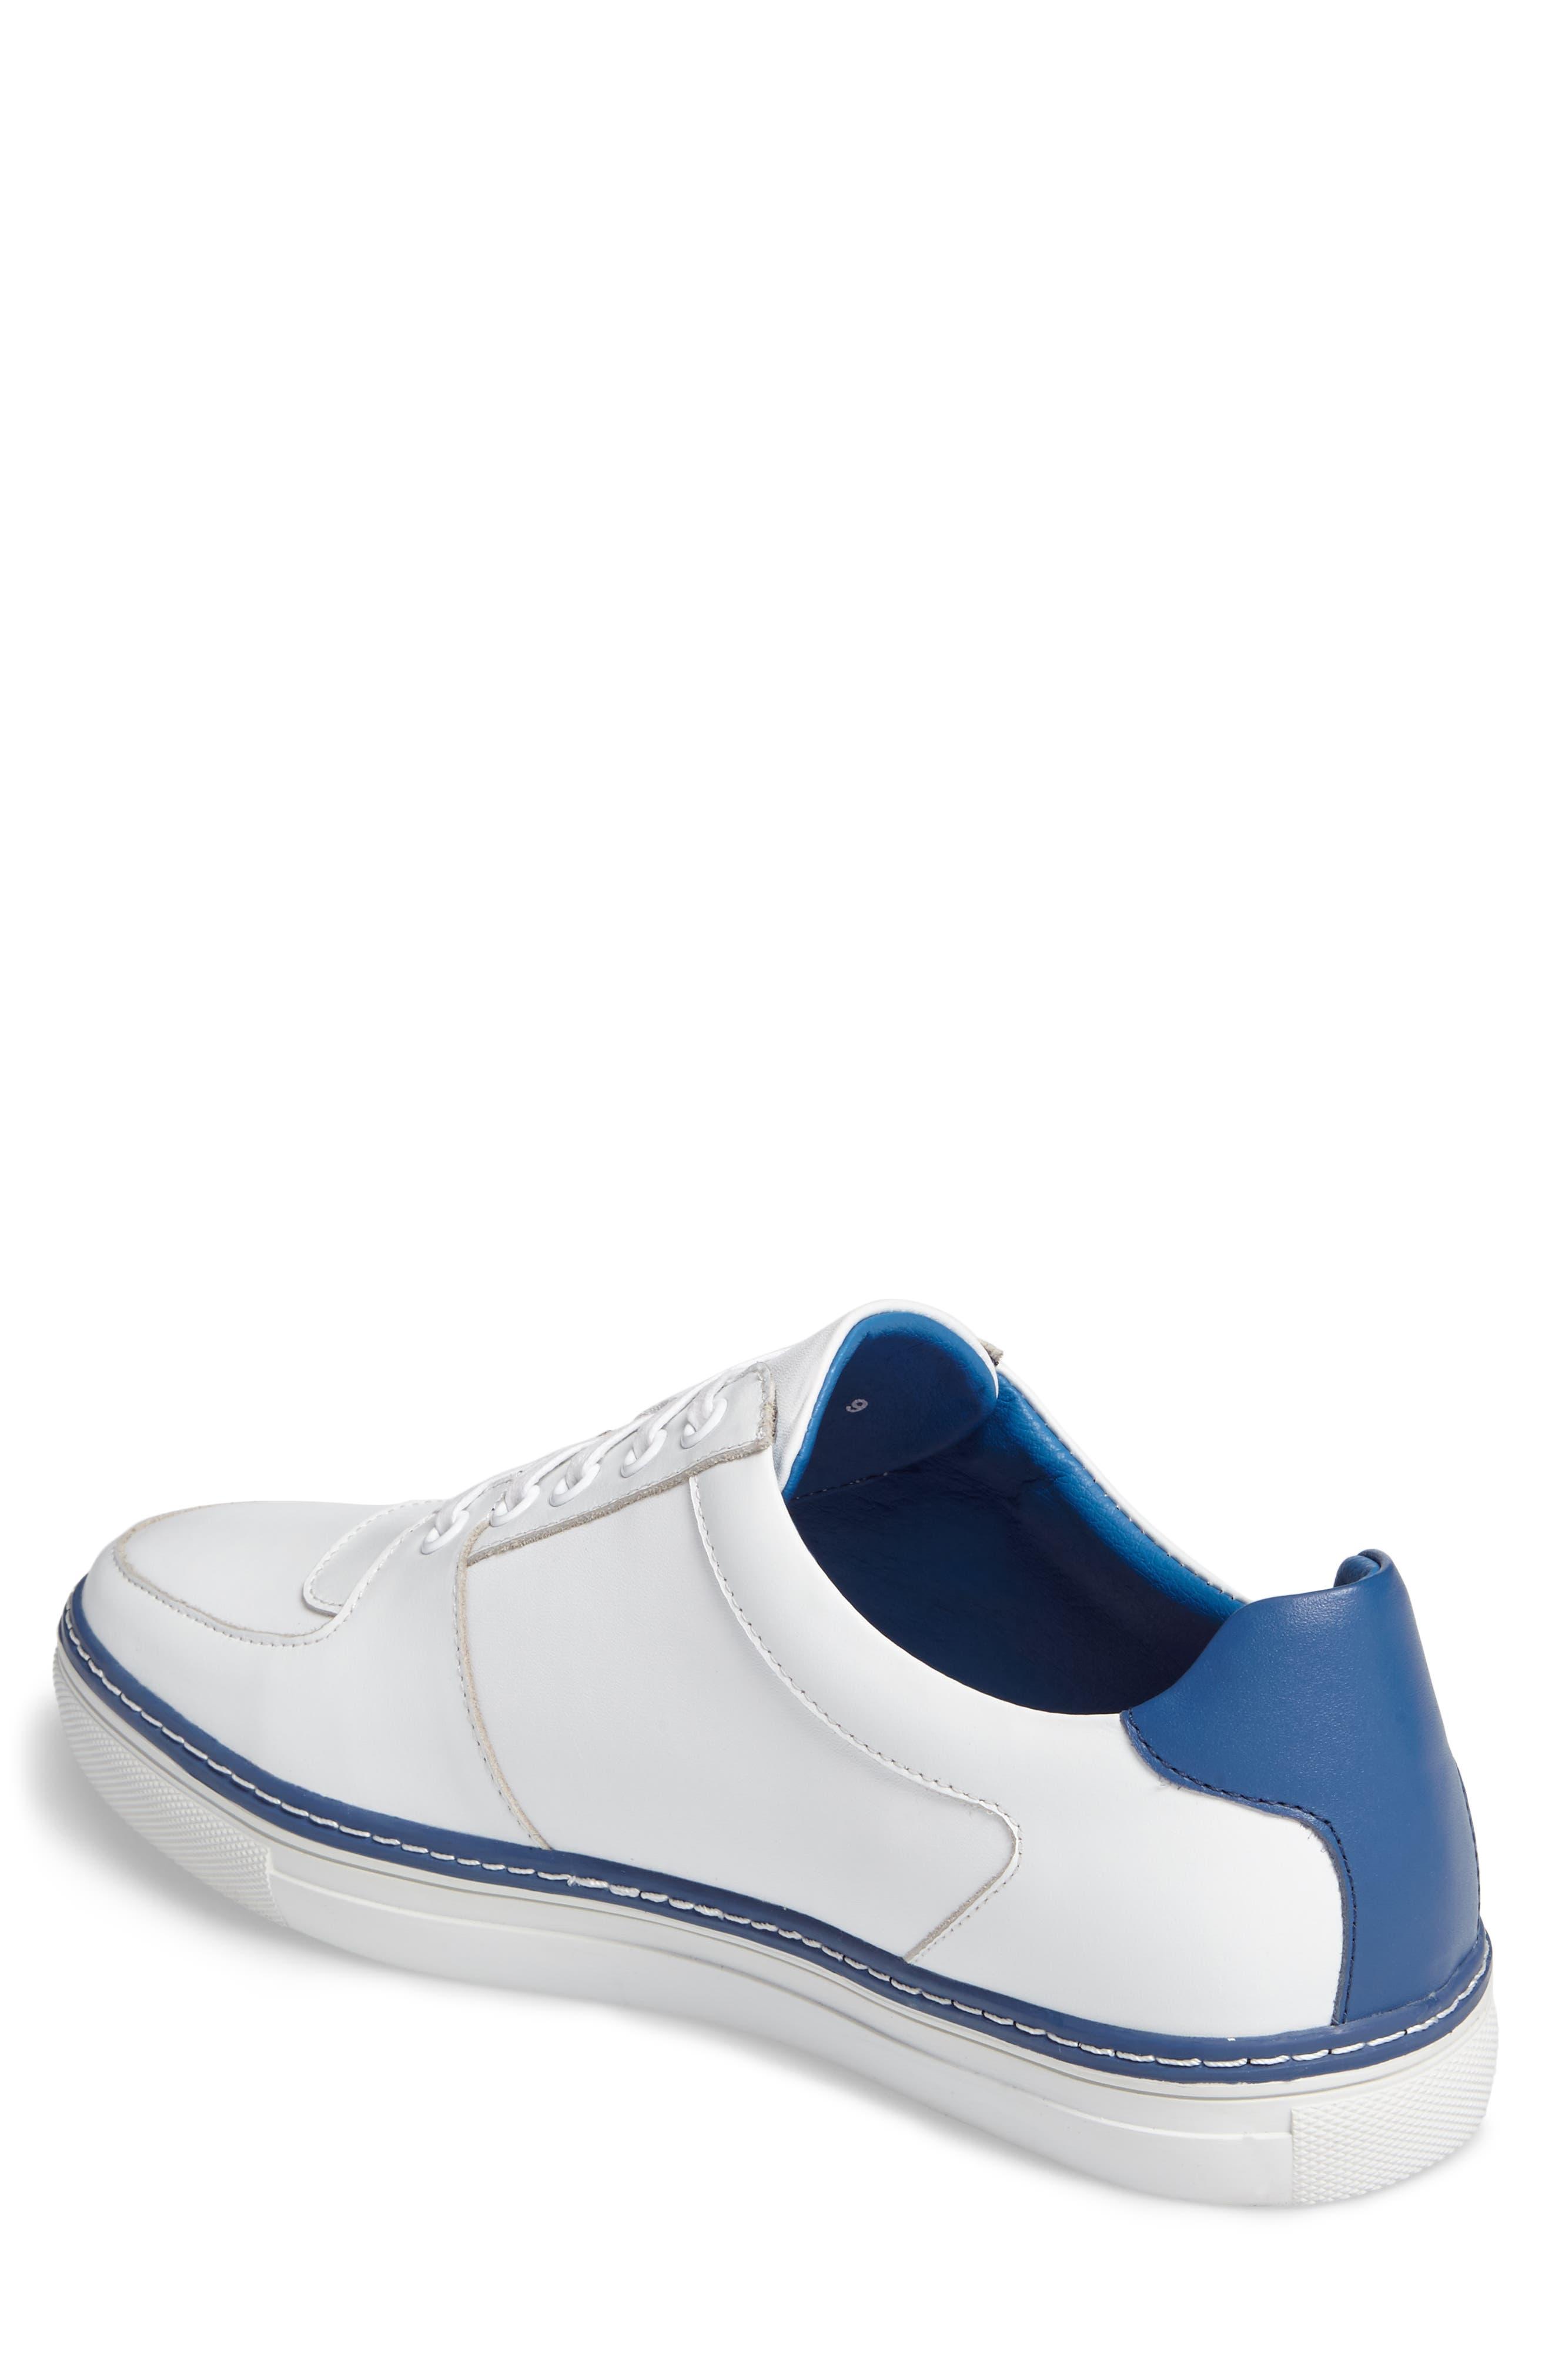 Redbridge Sneaker,                             Alternate thumbnail 4, color,